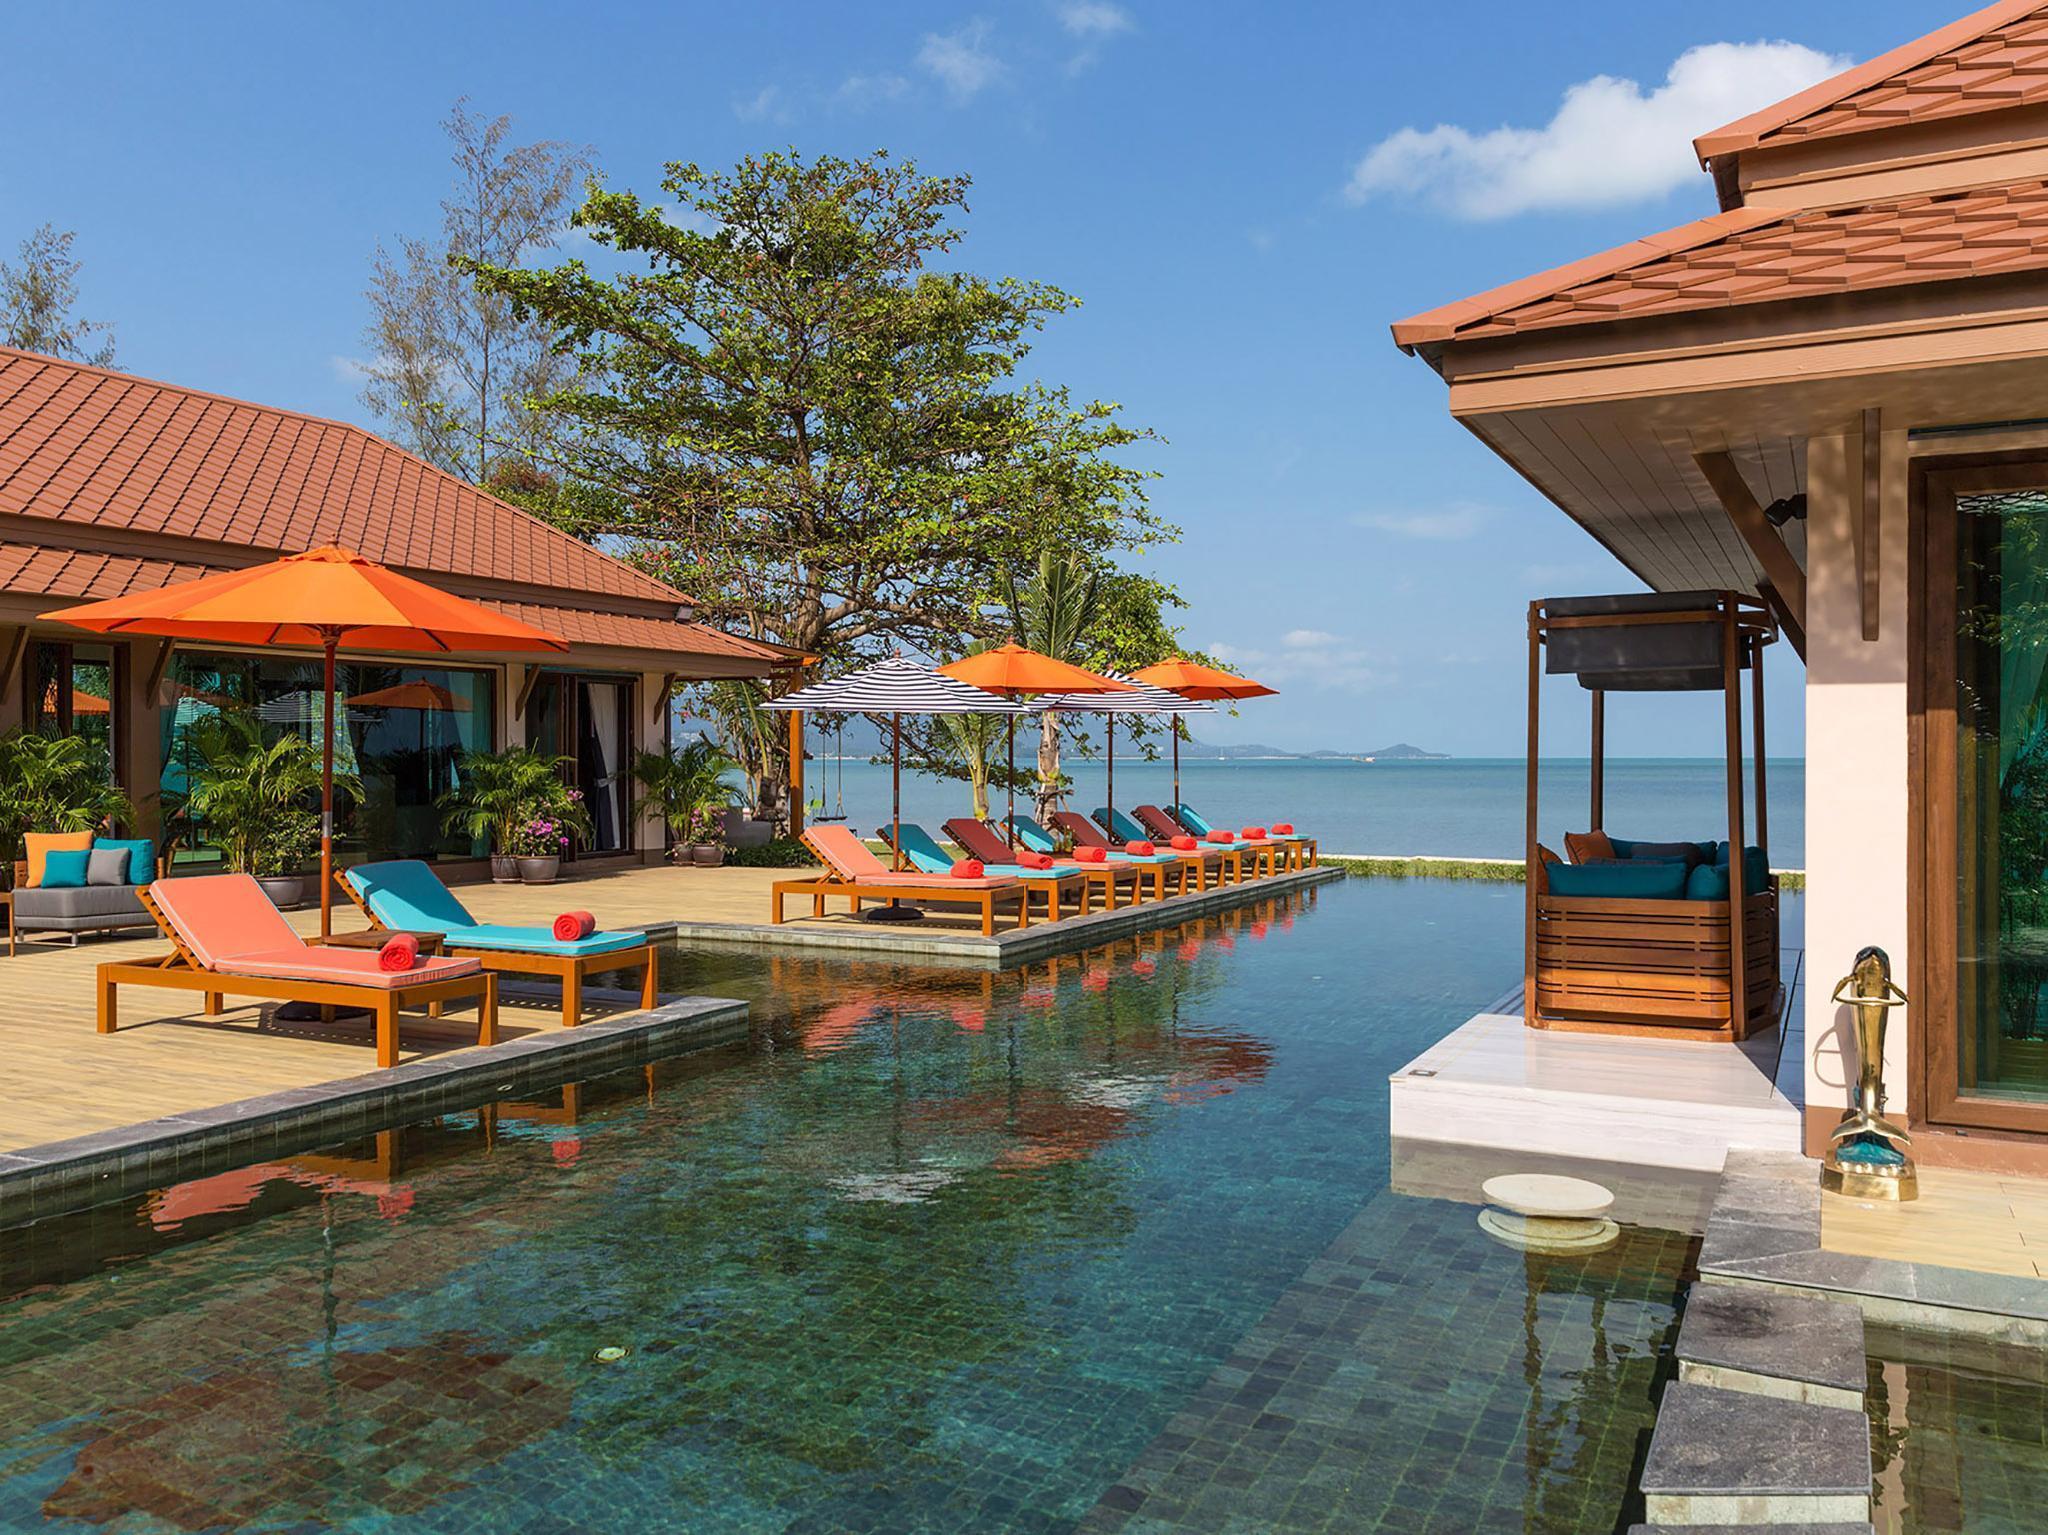 Angthong Villa วิลลา 4 ห้องนอน 4 ห้องน้ำส่วนตัว ขนาด 400 ตร.ม. – เชิงมน